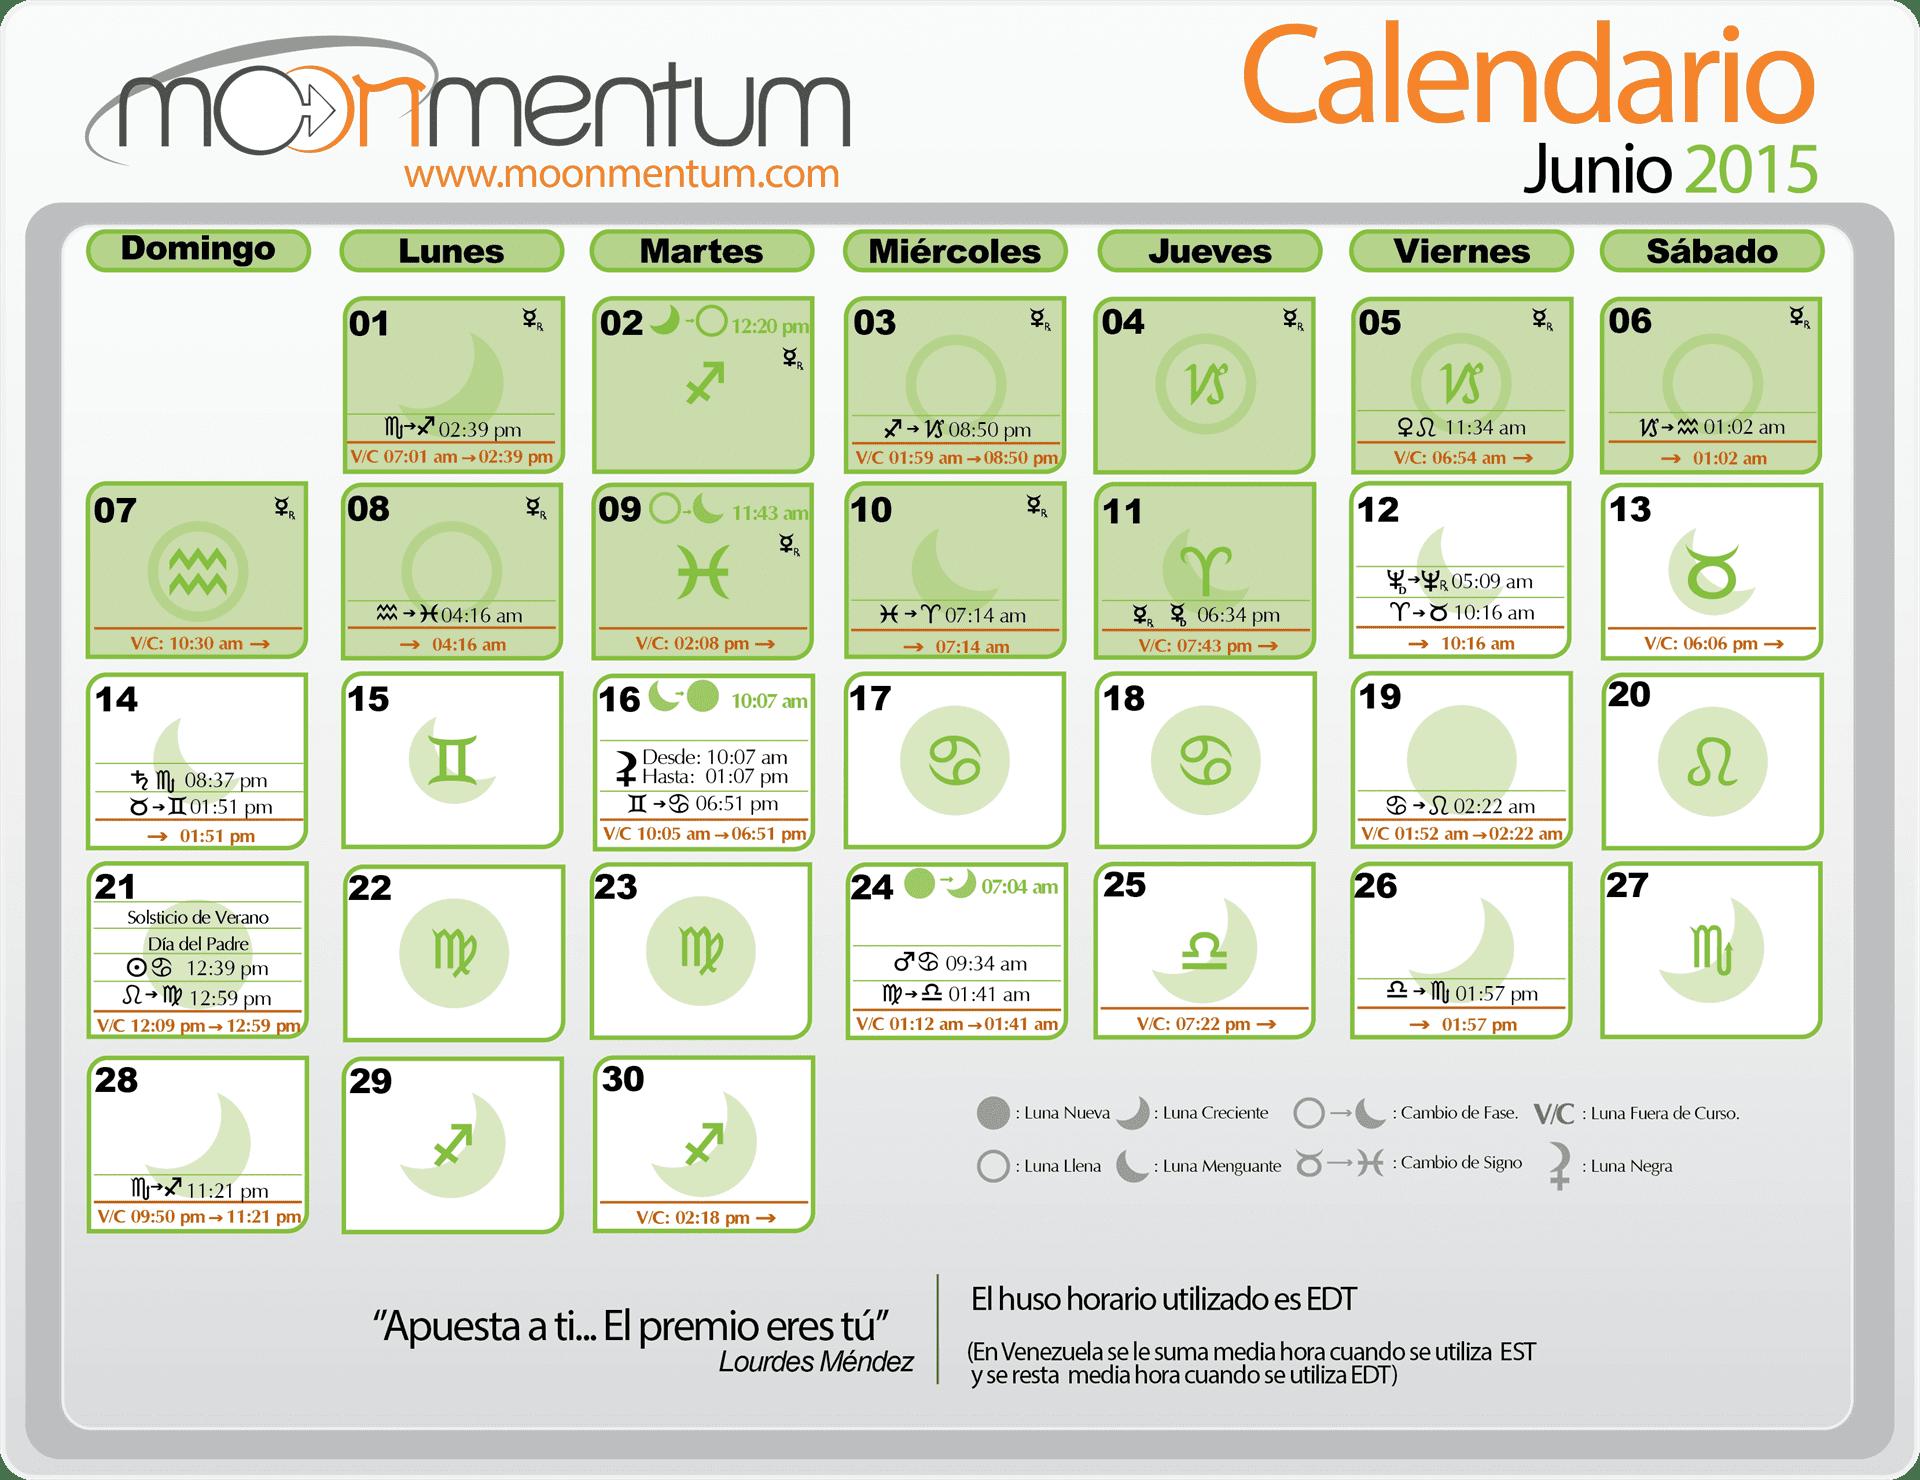 Calendario junio 2015 moonmentum for Calendario lunar junio